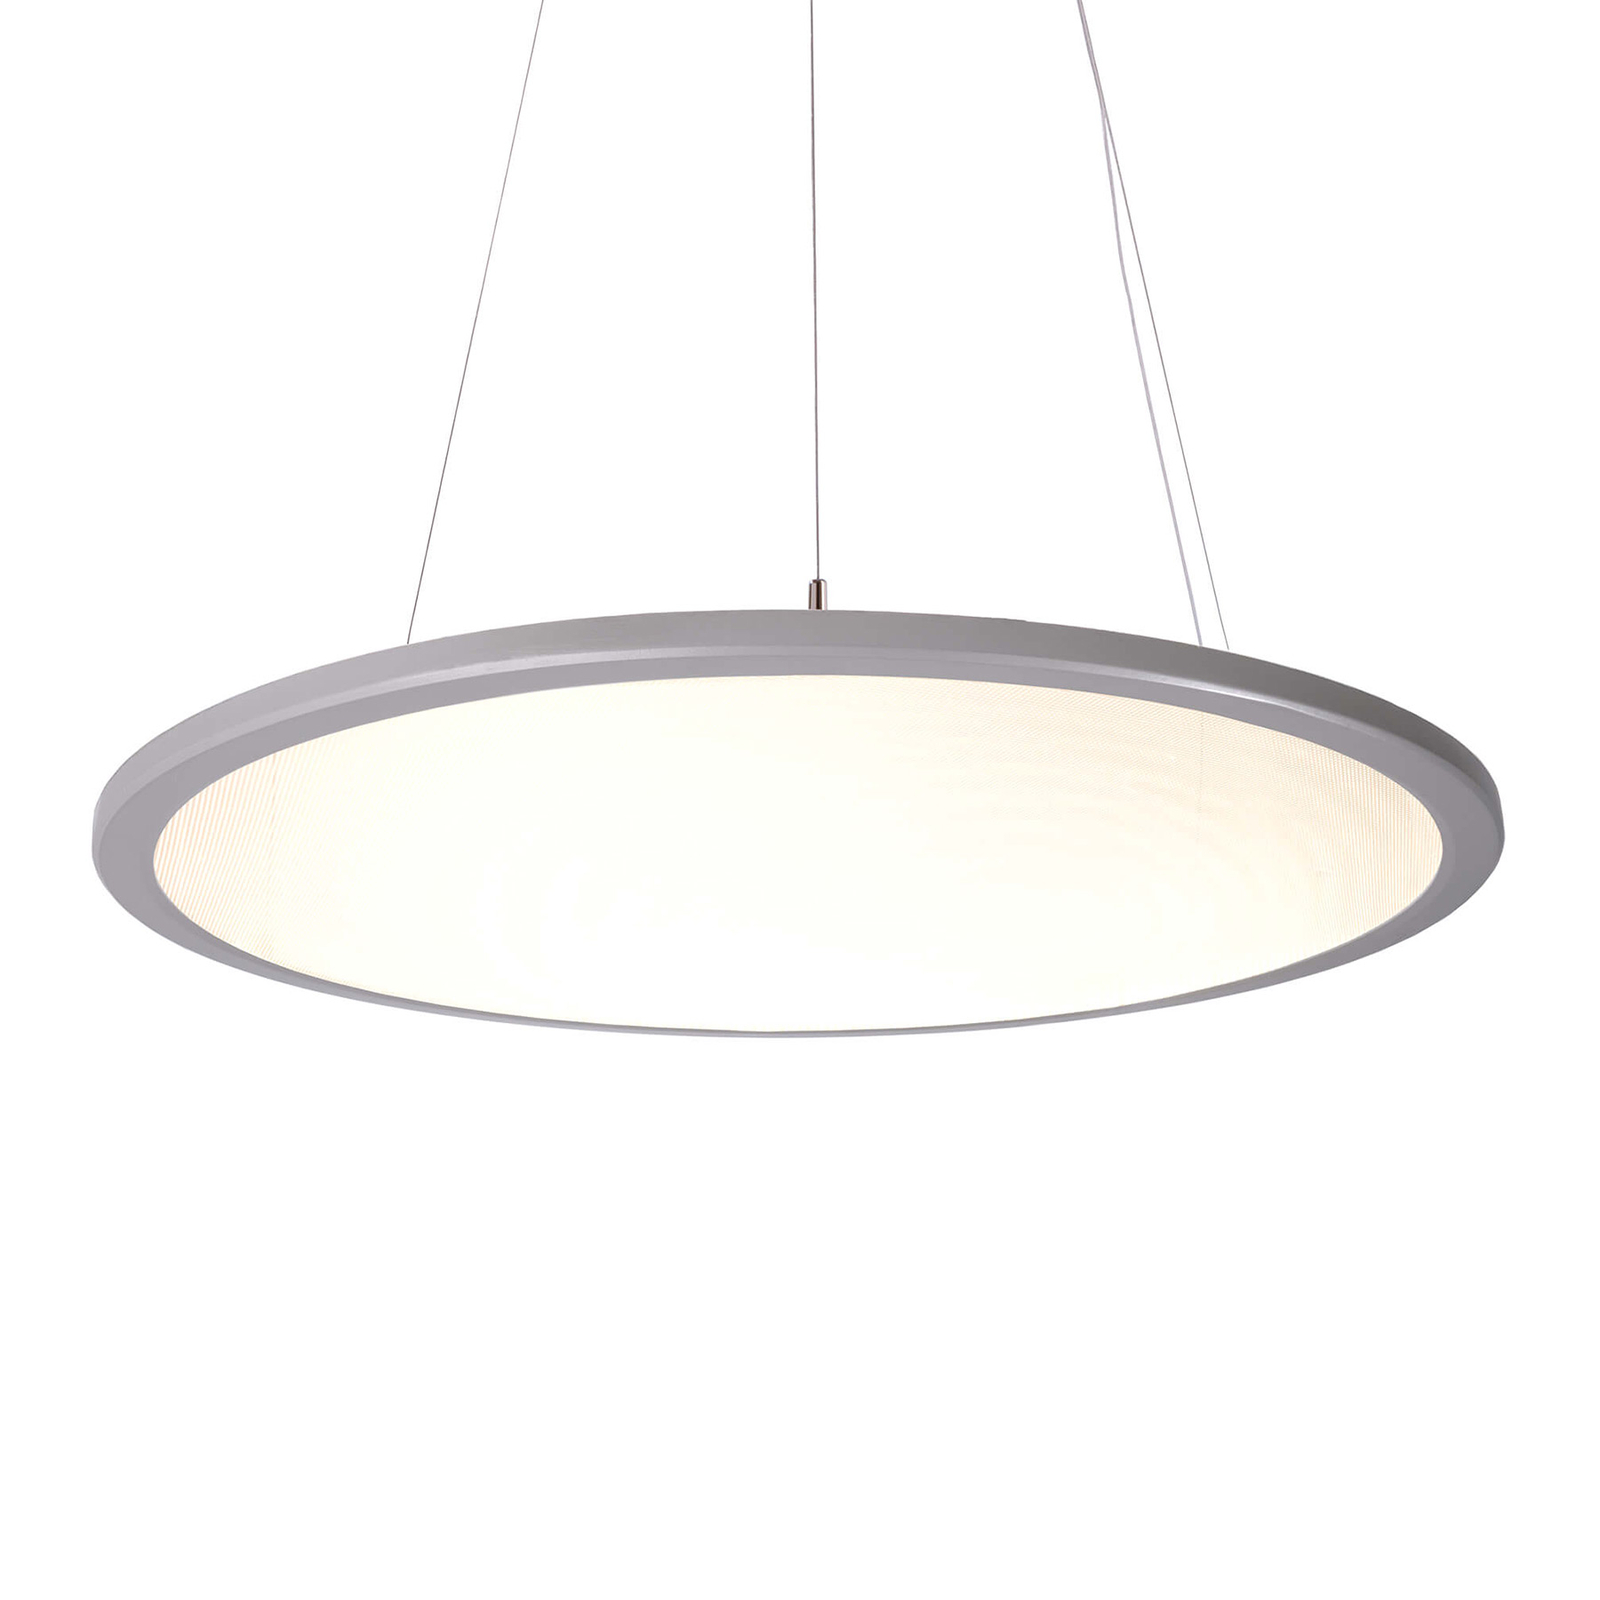 LED-Pendelleuchte 3420 rund, 3.000 K aluminium